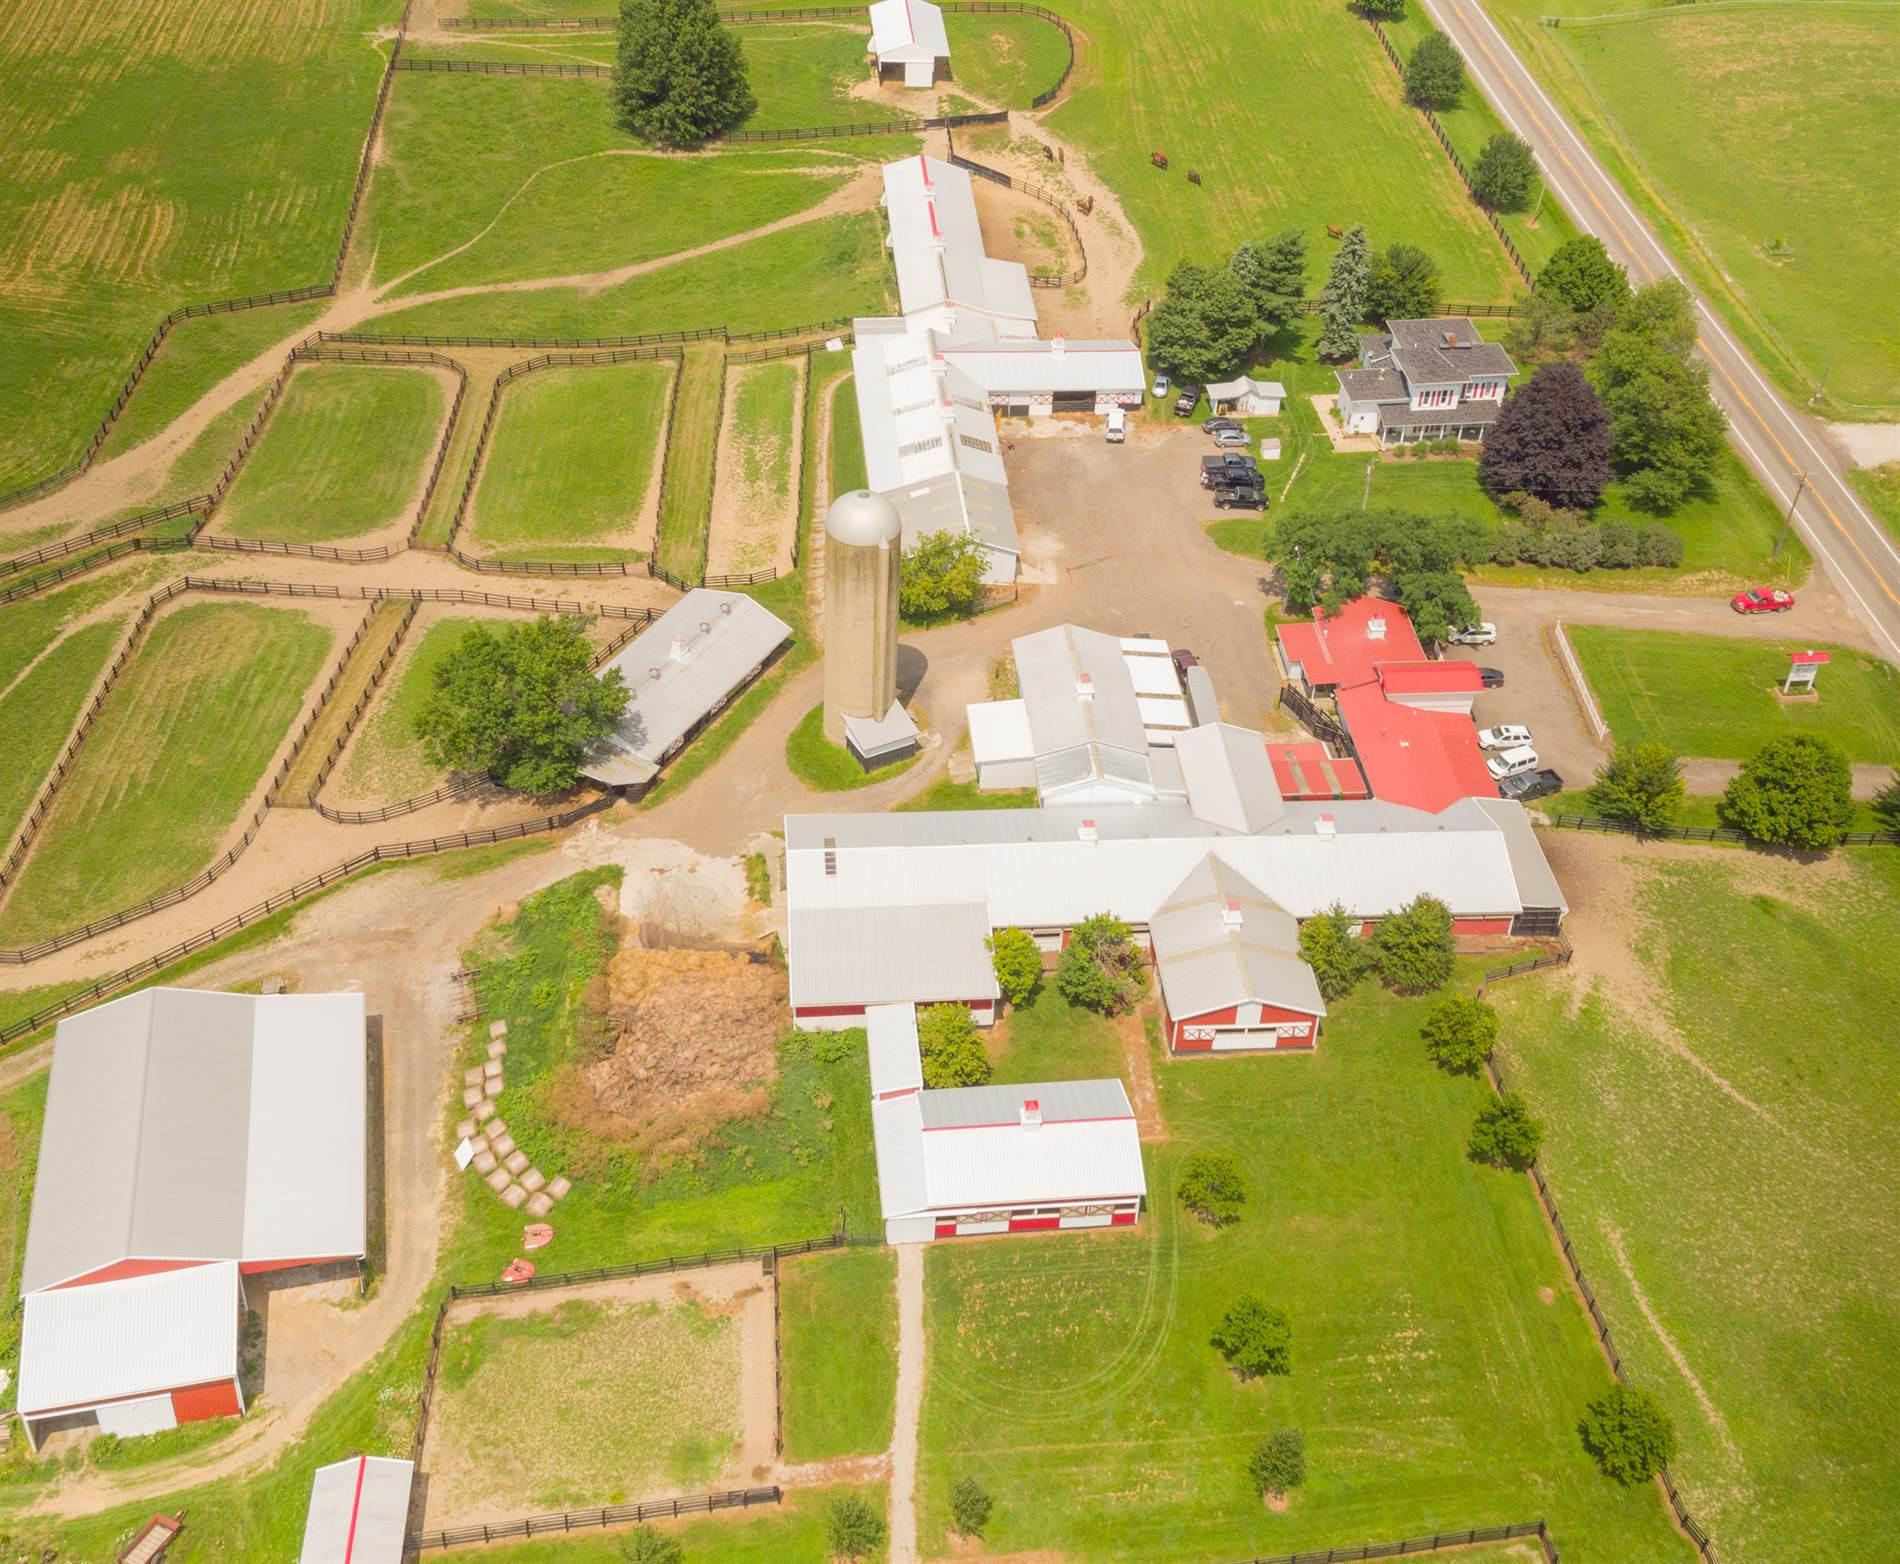 732 St Rt 89, Polk, OH 44866